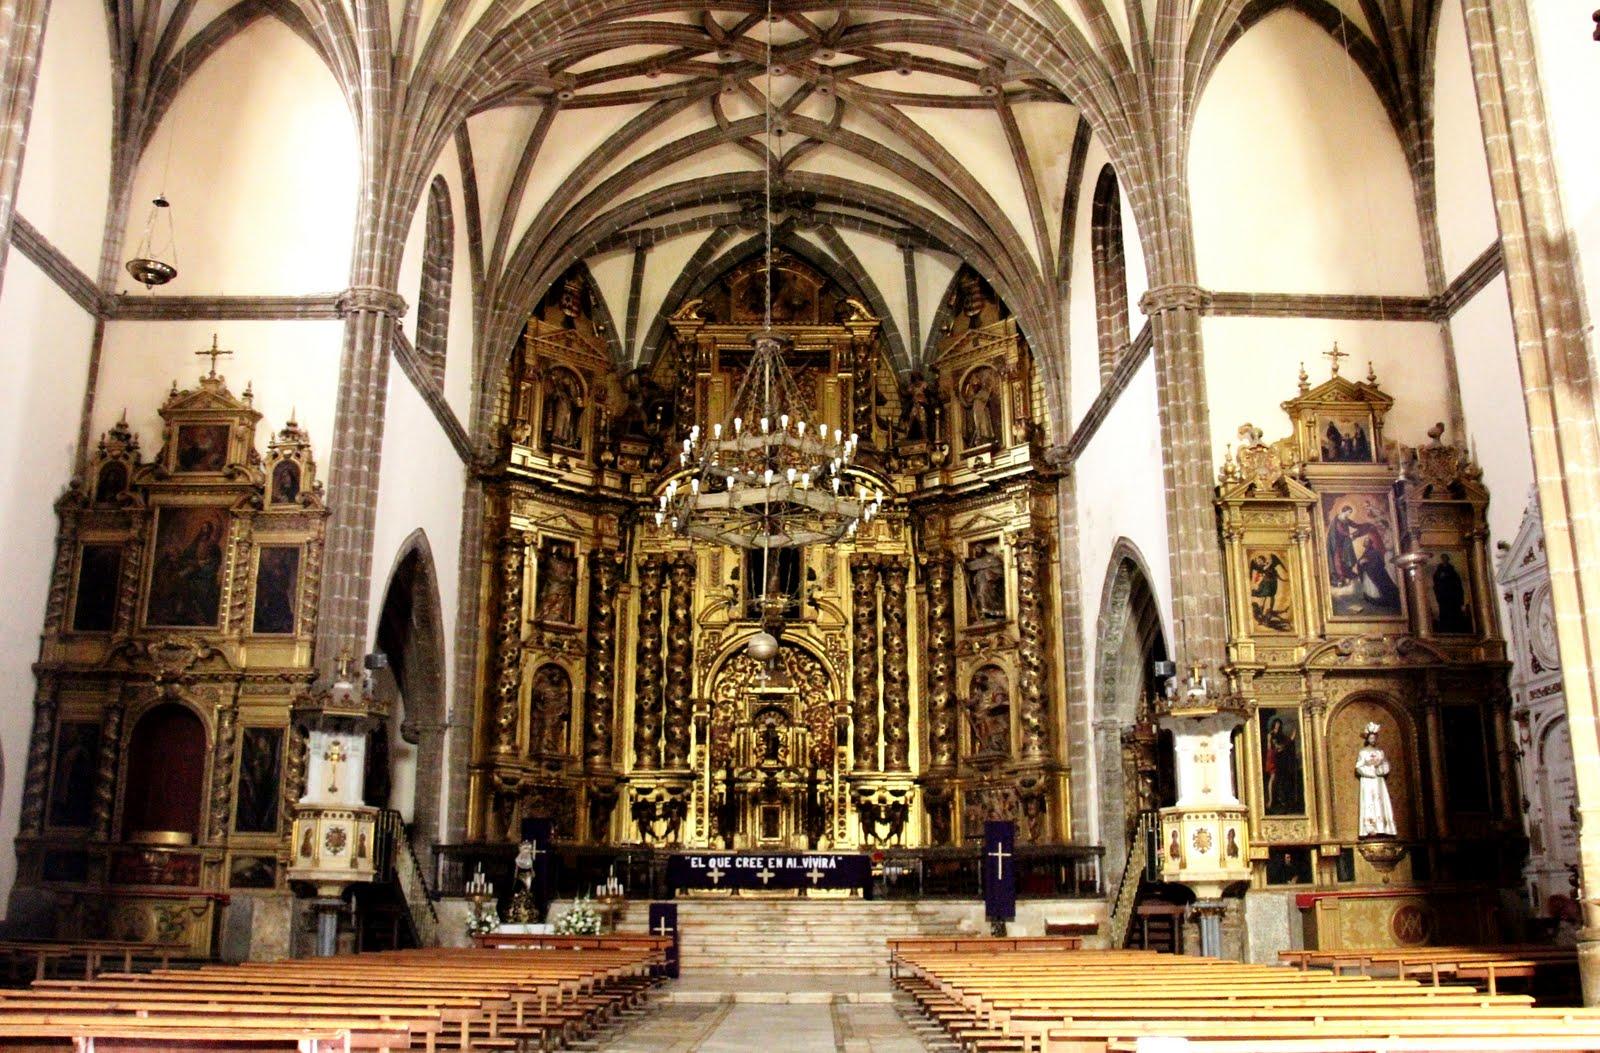 El ba l de v ctor iglesia de la candelaria zafra for Muebles iglesias zafra